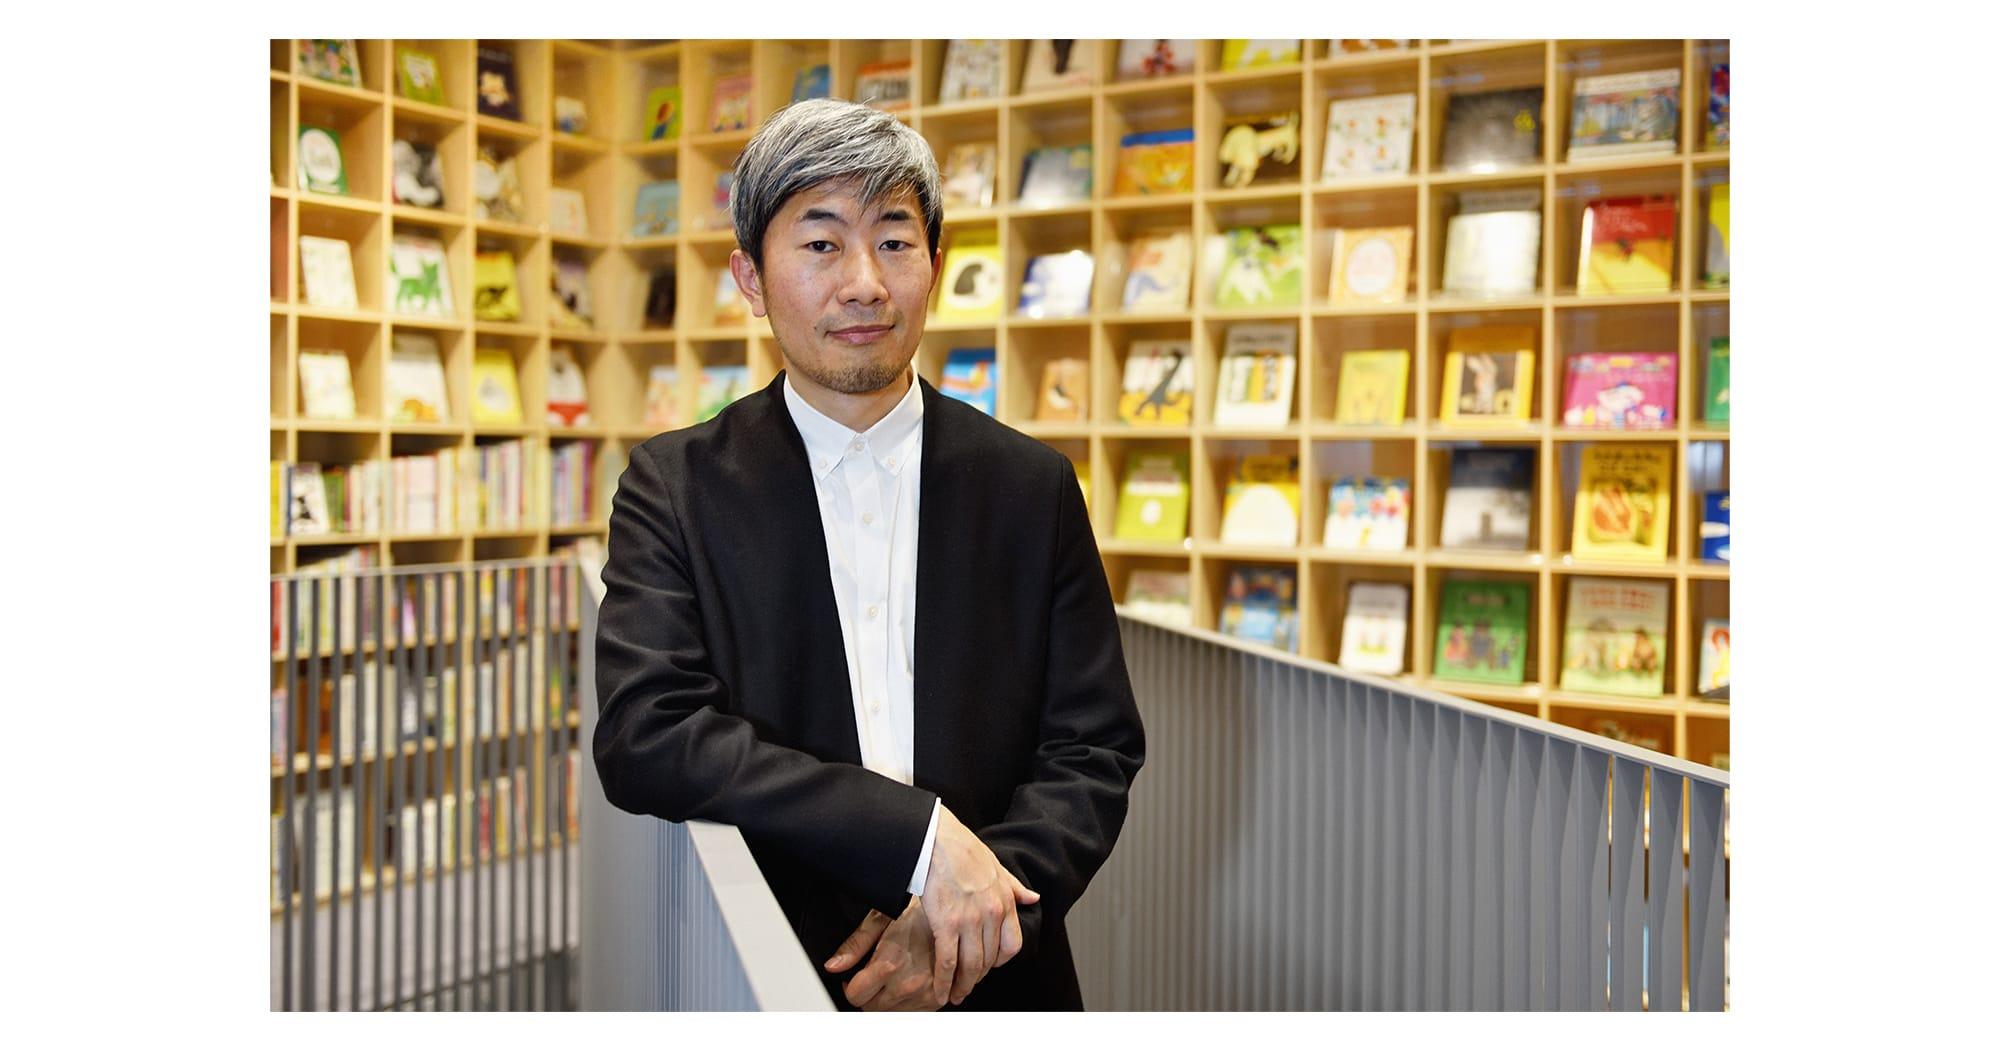 「こども本の森 中之島」は図書館ではなくこどものための文化施設。子どもがワクワクする場所をつくりたい」と語る幅允孝。